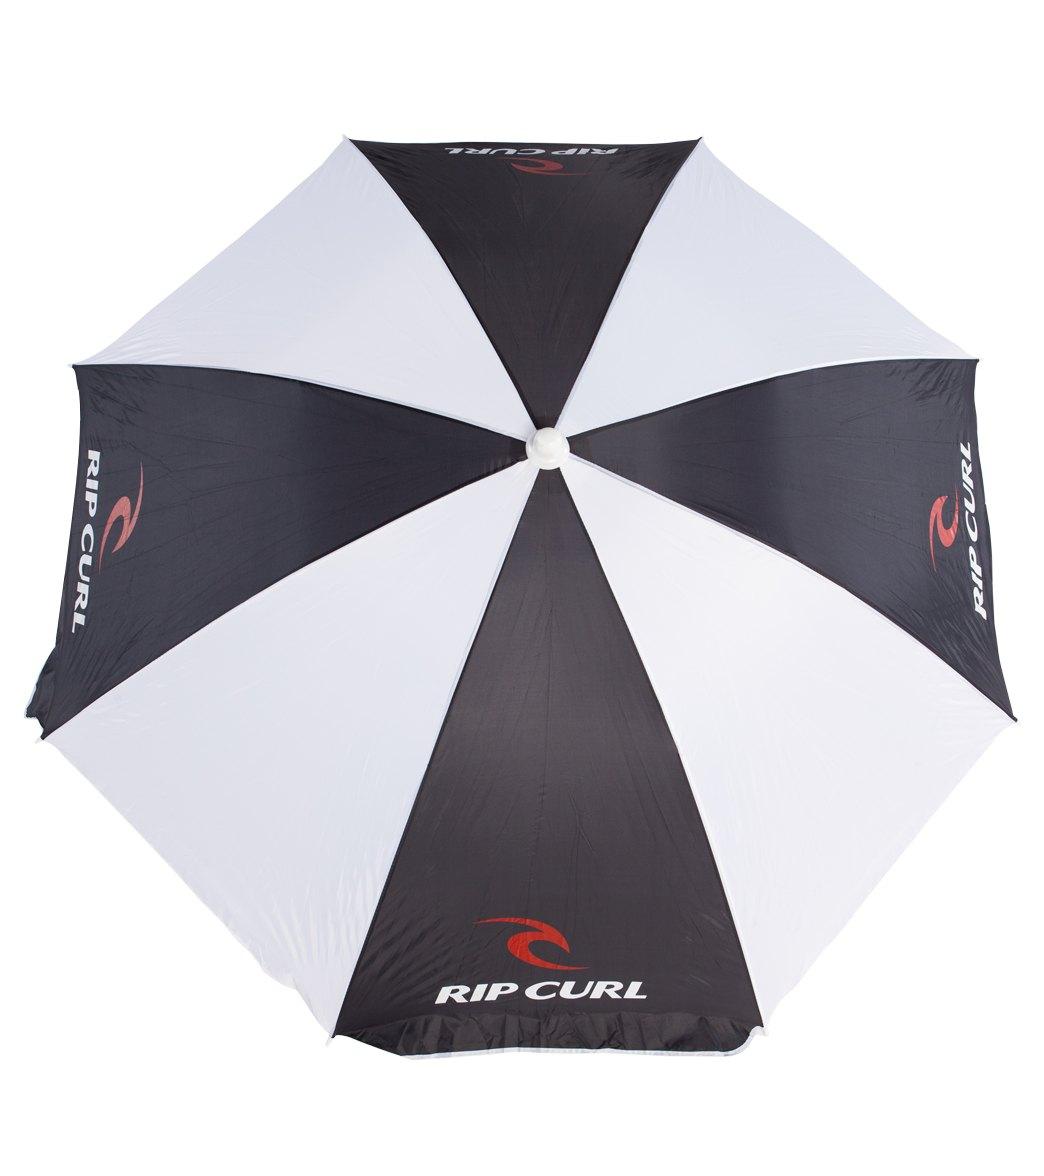 ... Rip Curl Beach Umbrella. View all colors  sc 1 st  SwimOutlet.com & Rip Curl Beach Umbrella at SwimOutlet.com